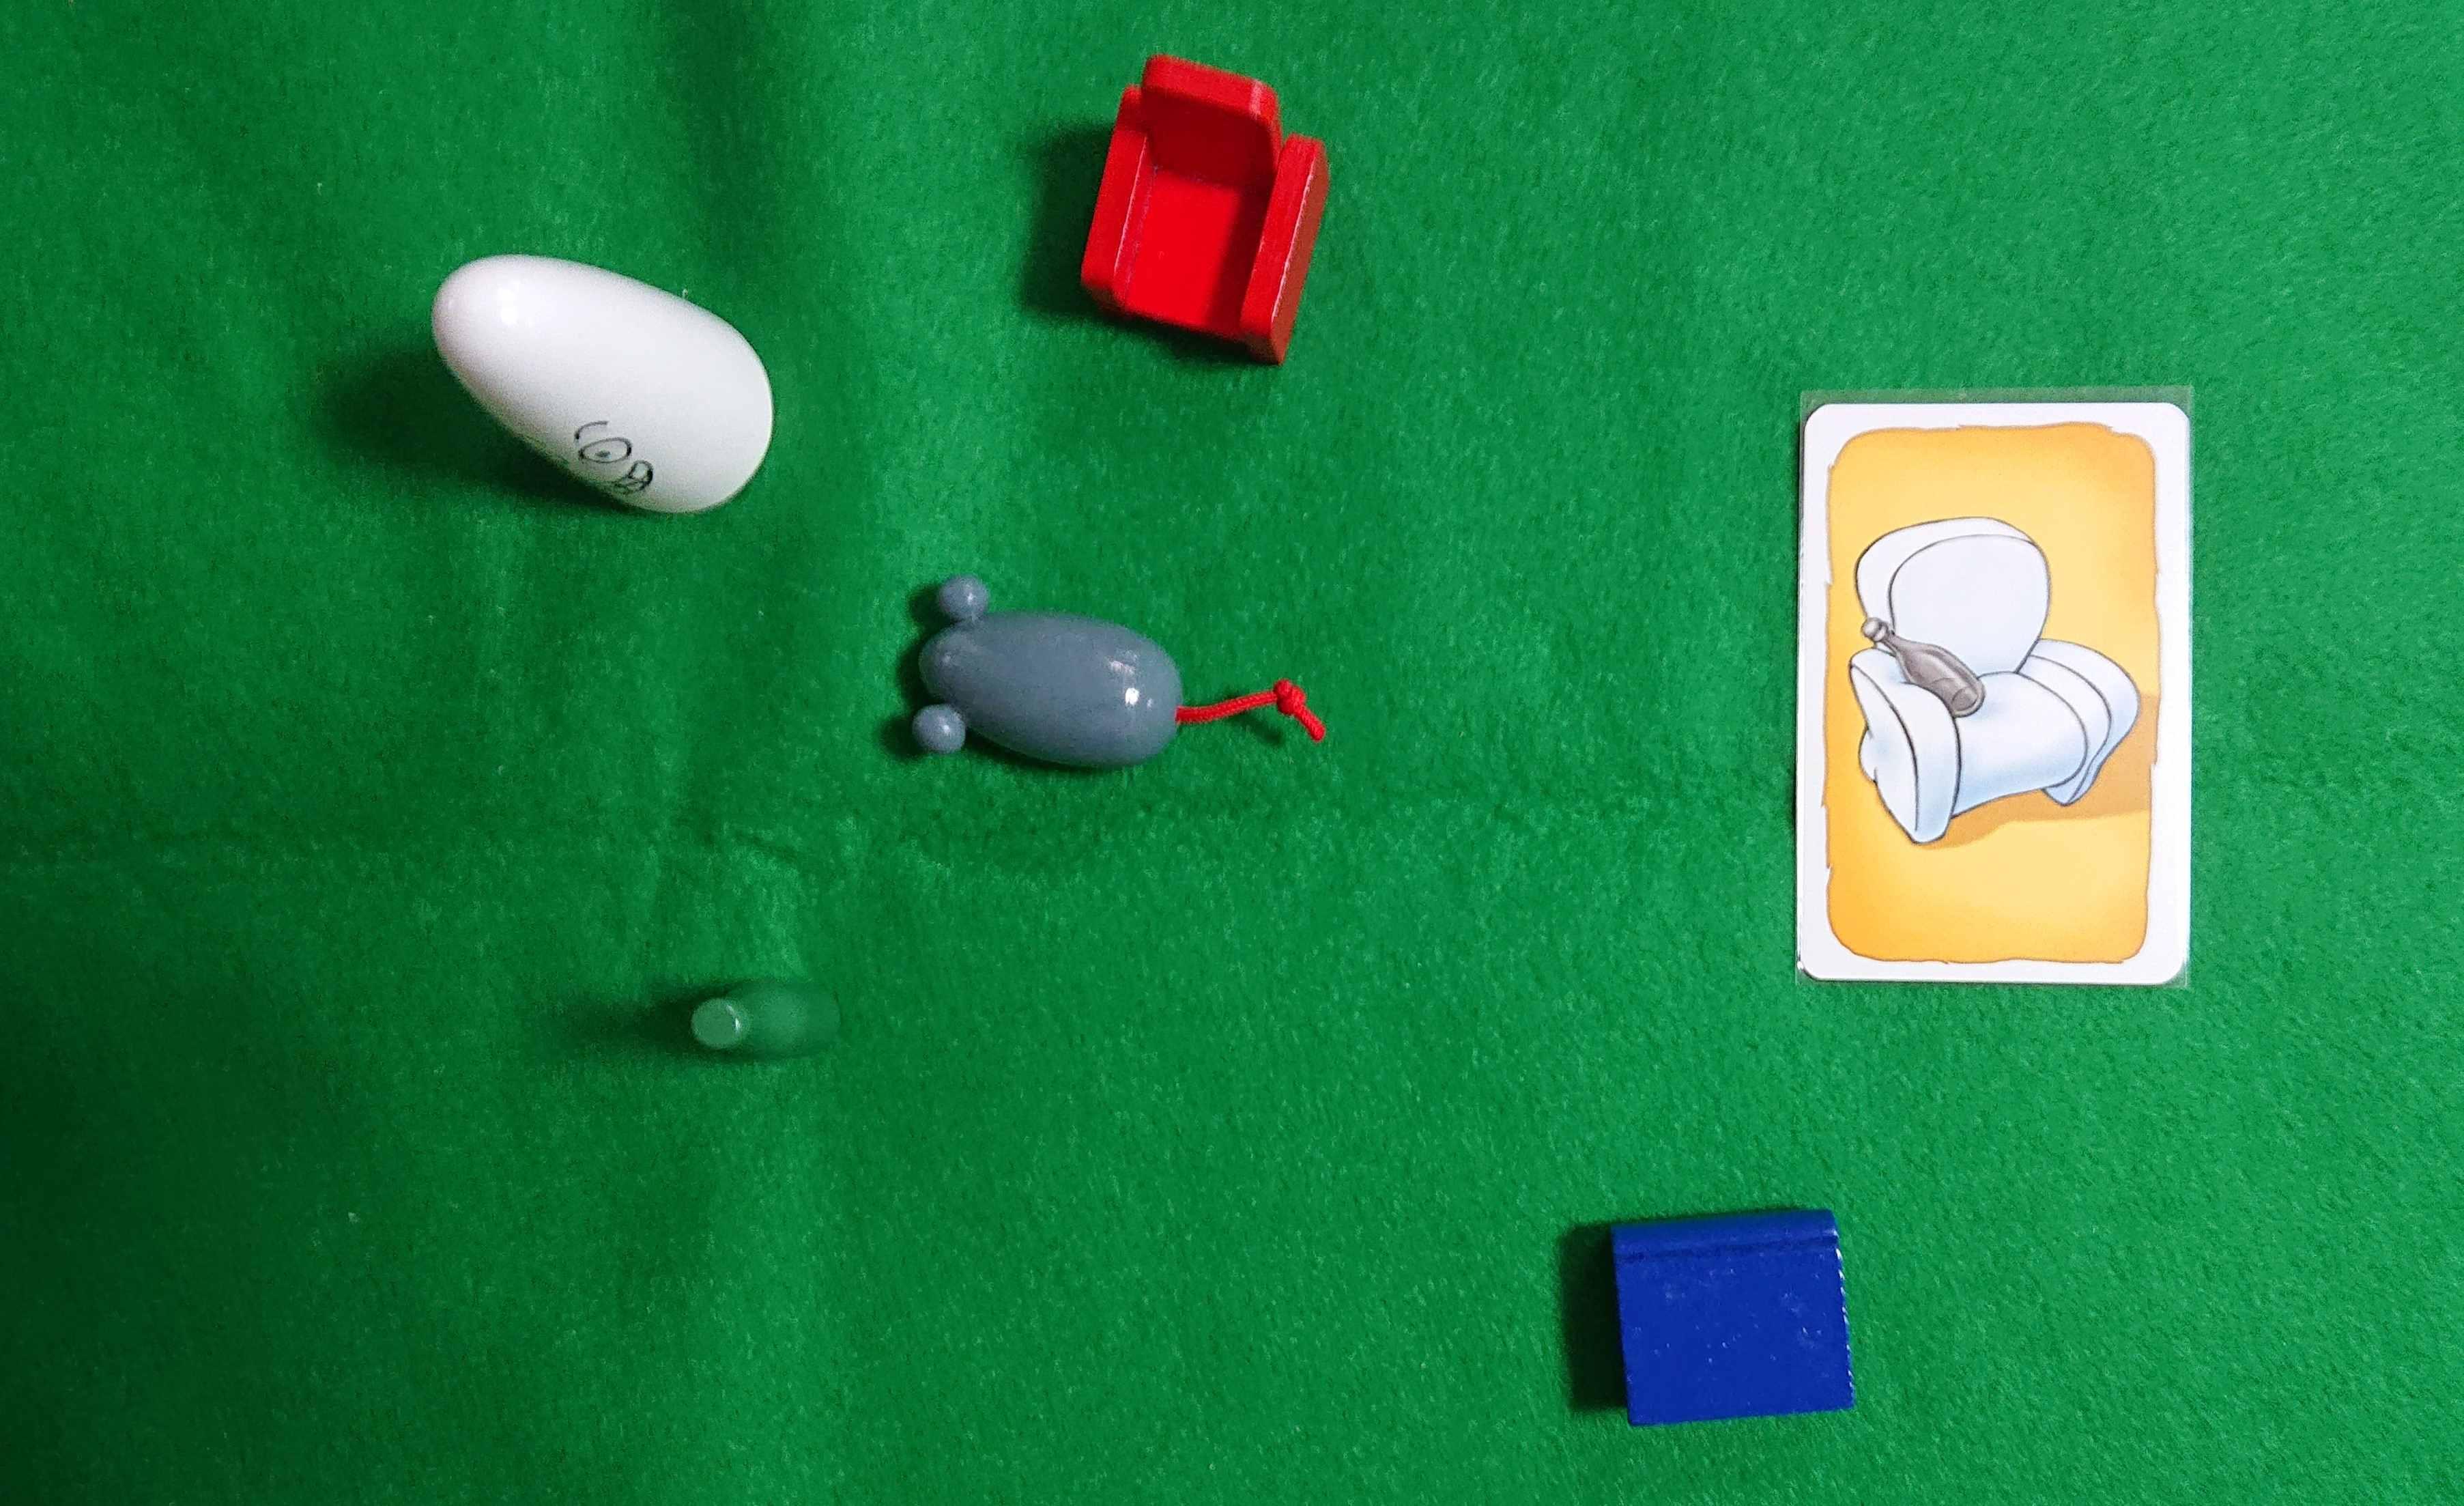 おばけキャッチ 反射神経型のカードゲームです どれを取る!? 頭がパニック!? ルール説明 ボードゲーム